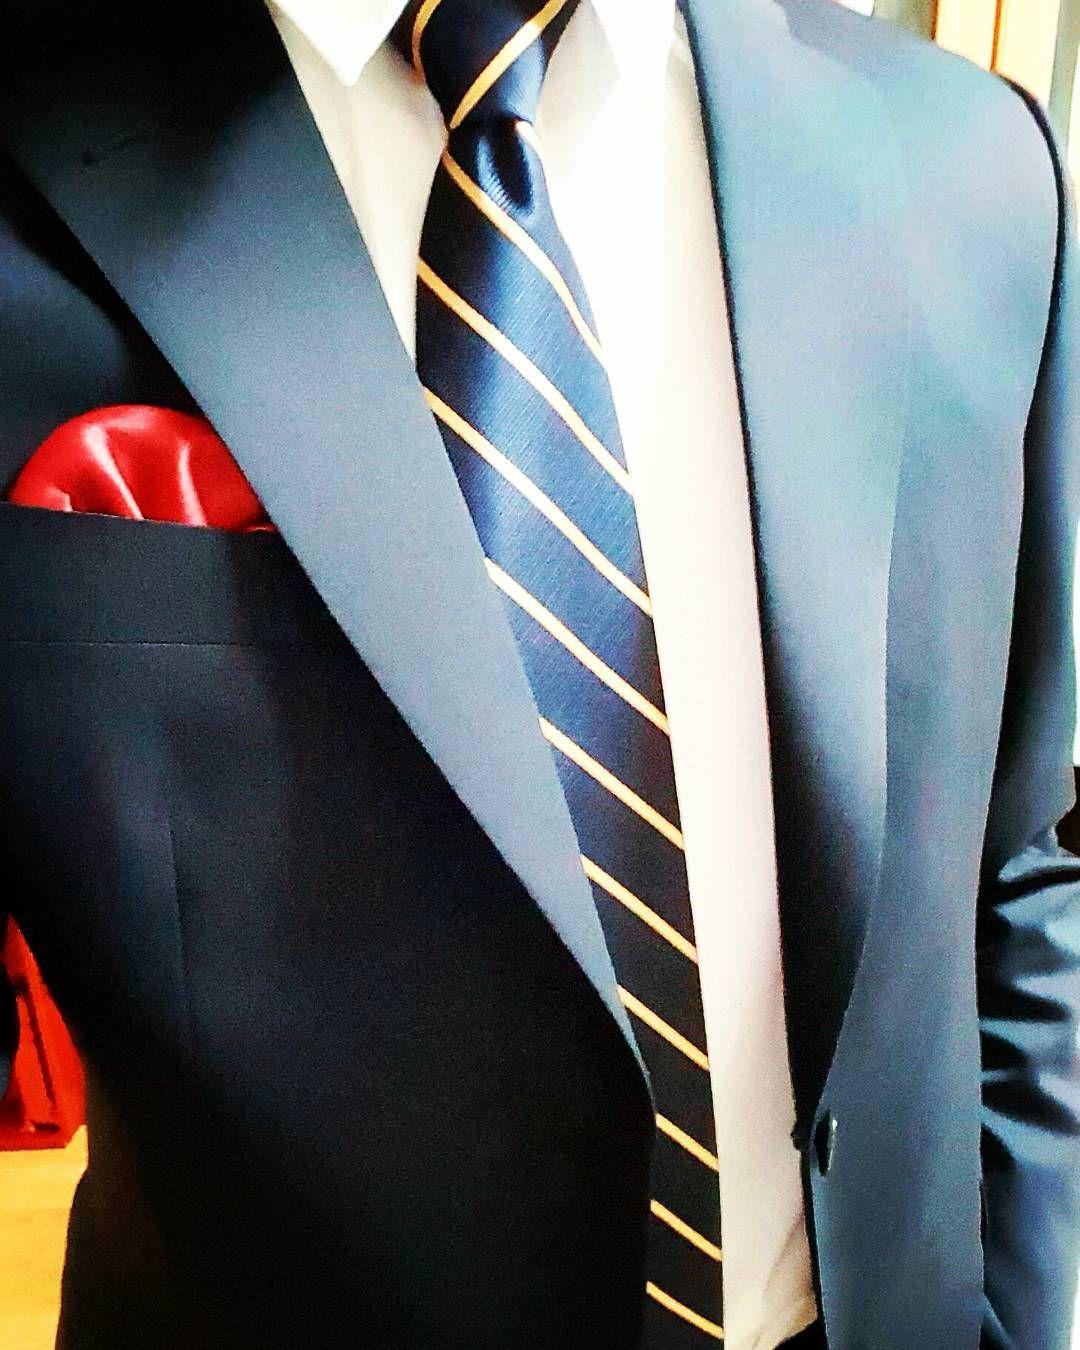 세상에서 하나뿐인 정장이 생겼다 . . . #instagram #instagood #selstagram #selfie #selca #suit #수트 #맞춤정장 #네이비 #셀스타그램 #옷스타그램 #멋스타그램 #셀카 #셀피 #데일리 #졸업사진 #옷이날개 . . #follow4follow #follow #f4f #l4l #like #선팔 #맞팔 #소통 #소통해요 #사랑해요 # by jeoon_jw